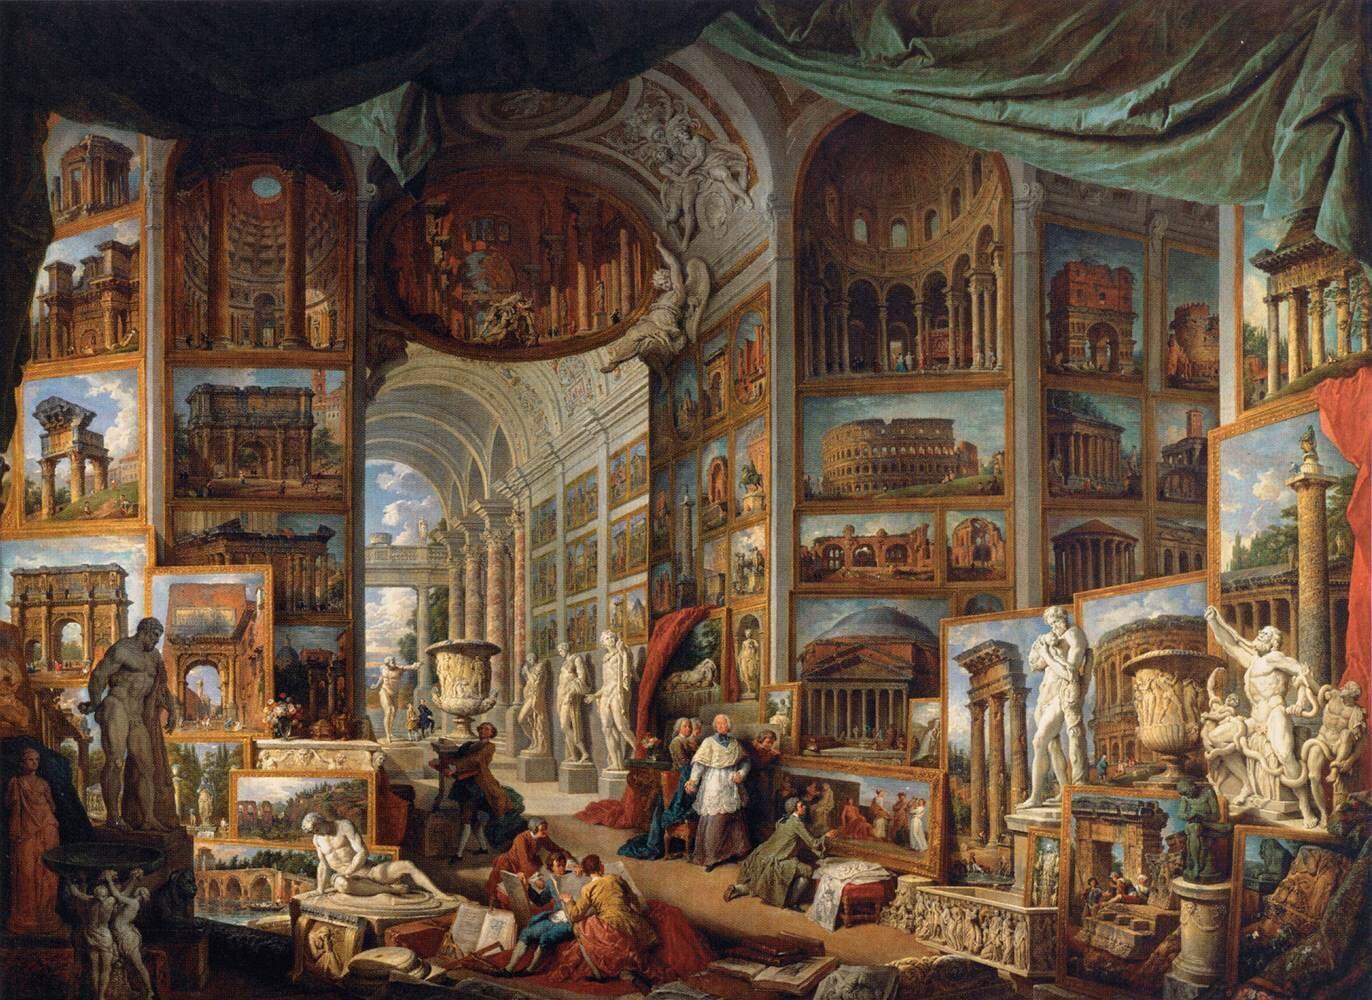 Galeria widoków starożytnego Rzymu Źródło: Giovanni Panini, Galeria widoków starożytnego Rzymu, 1754–1757, olej na płótnie, Luwr, domena publiczna.